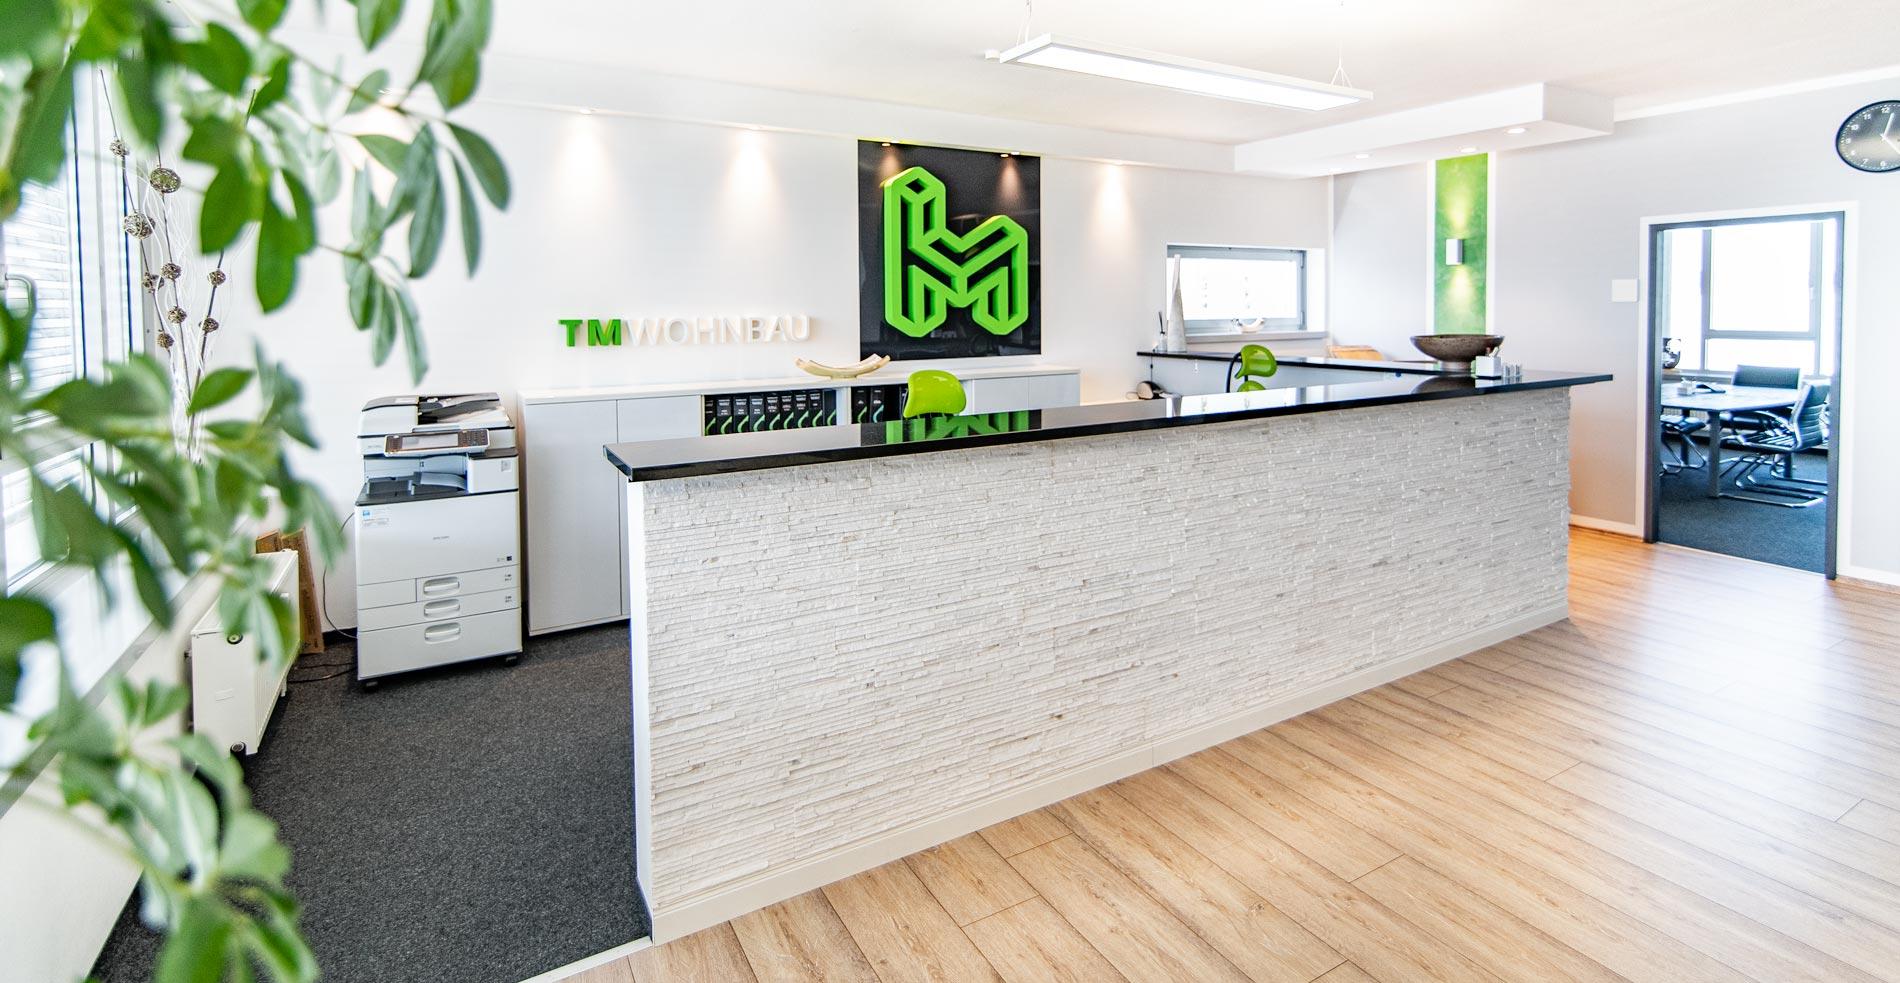 Brandhorn Projekt TM Wohnbau